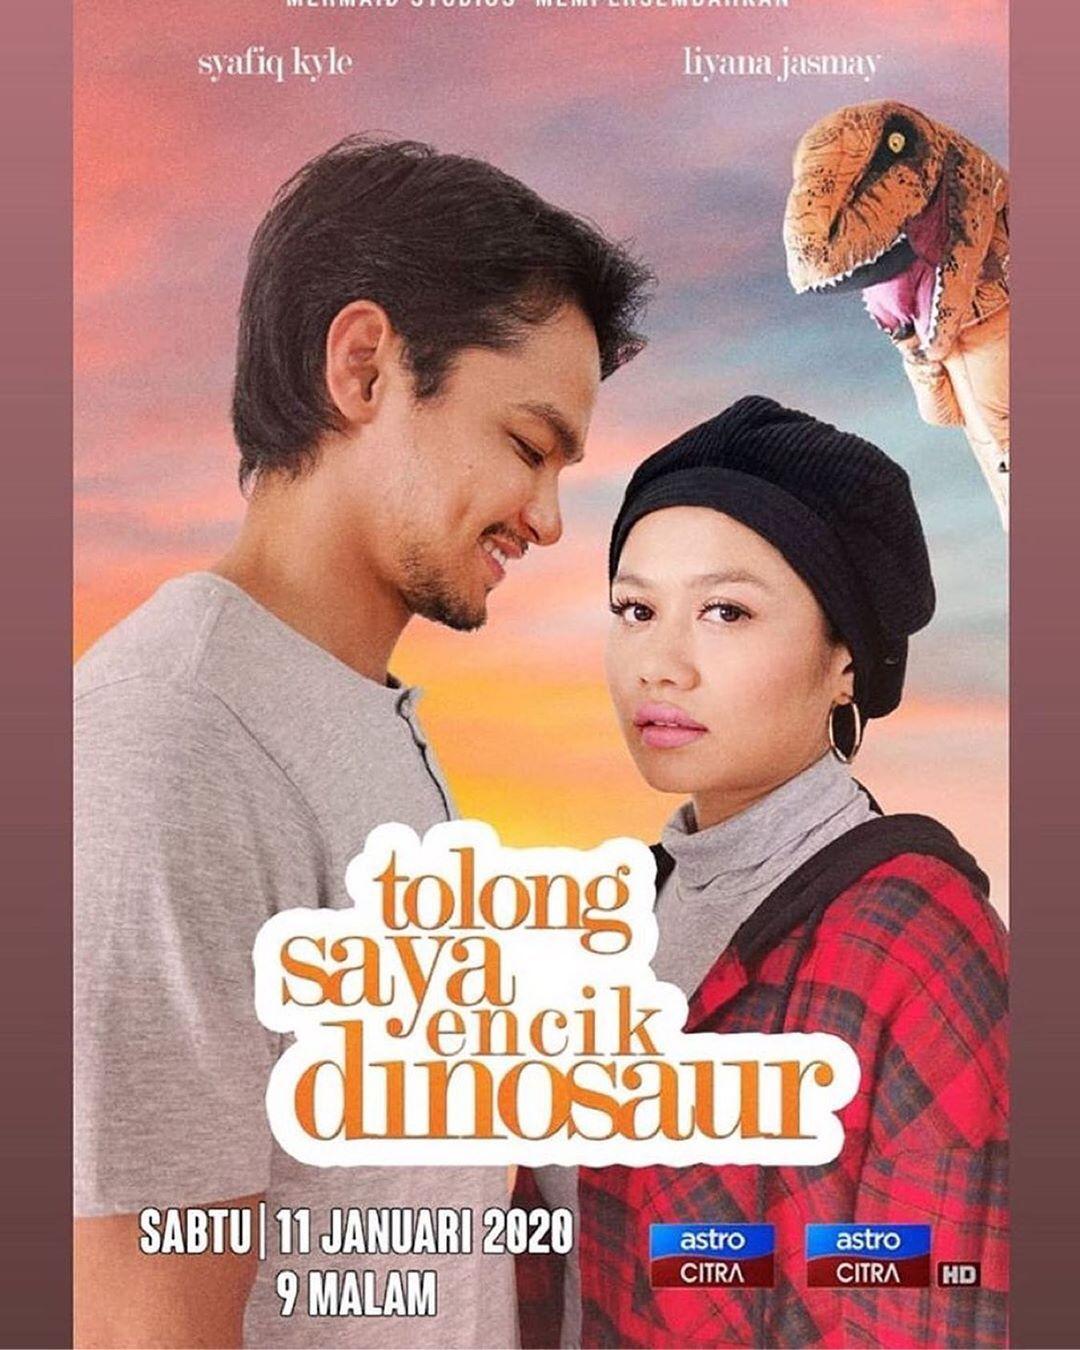 Pelakon Tolong Saya Encik Dinosaur Syafiq Kyle, Liyana Jasmay